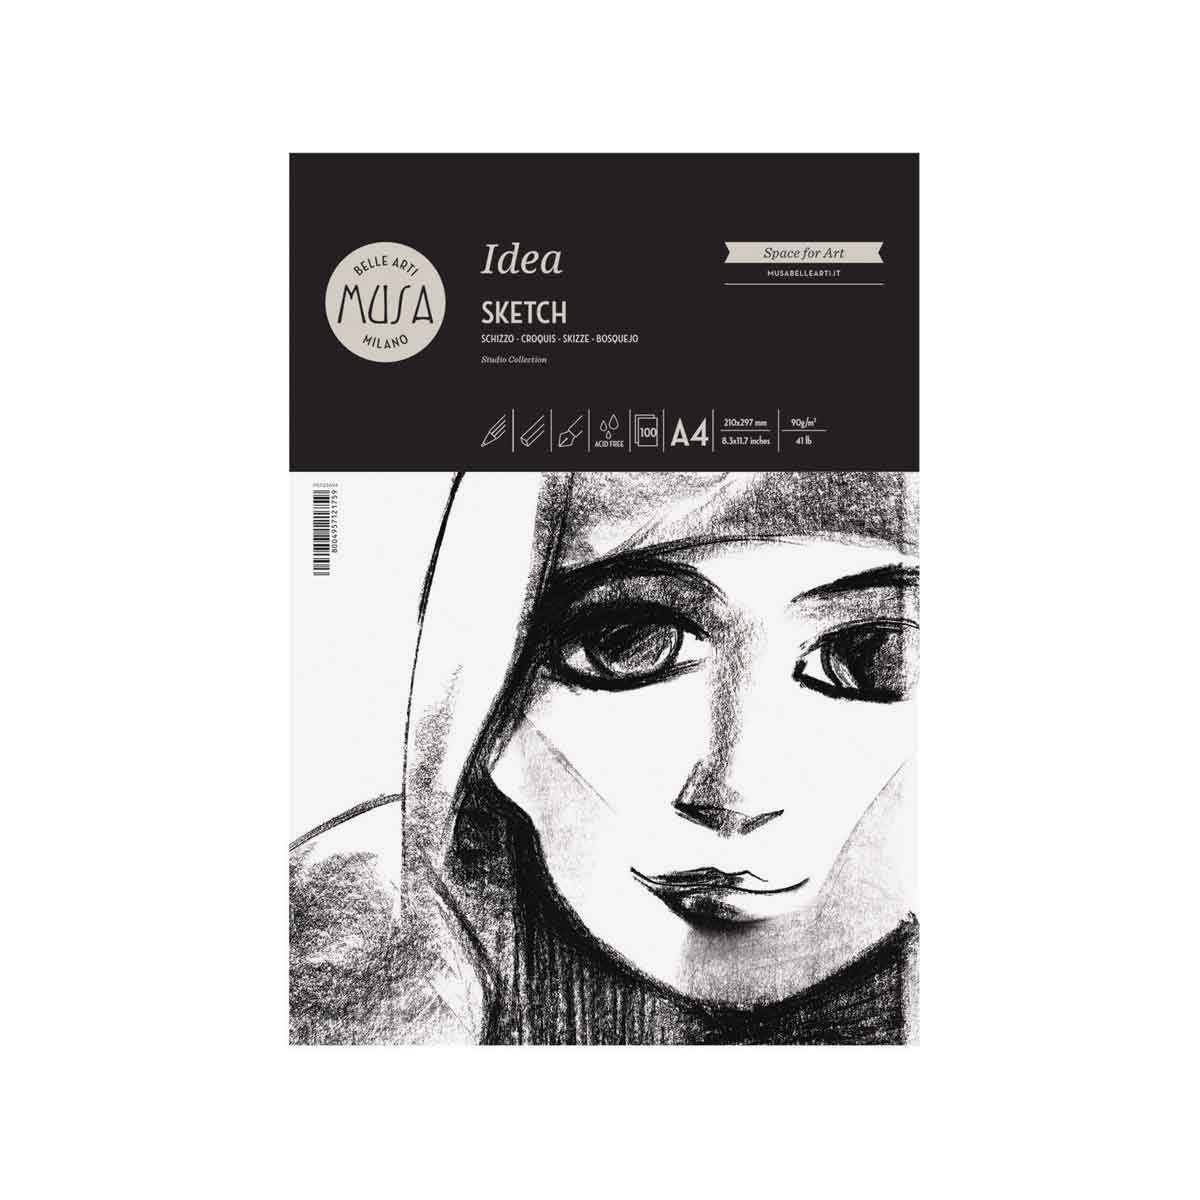 Idea Sketch – Schizzo Blocco da 100 fogli da 90g. Grana Media formato A4